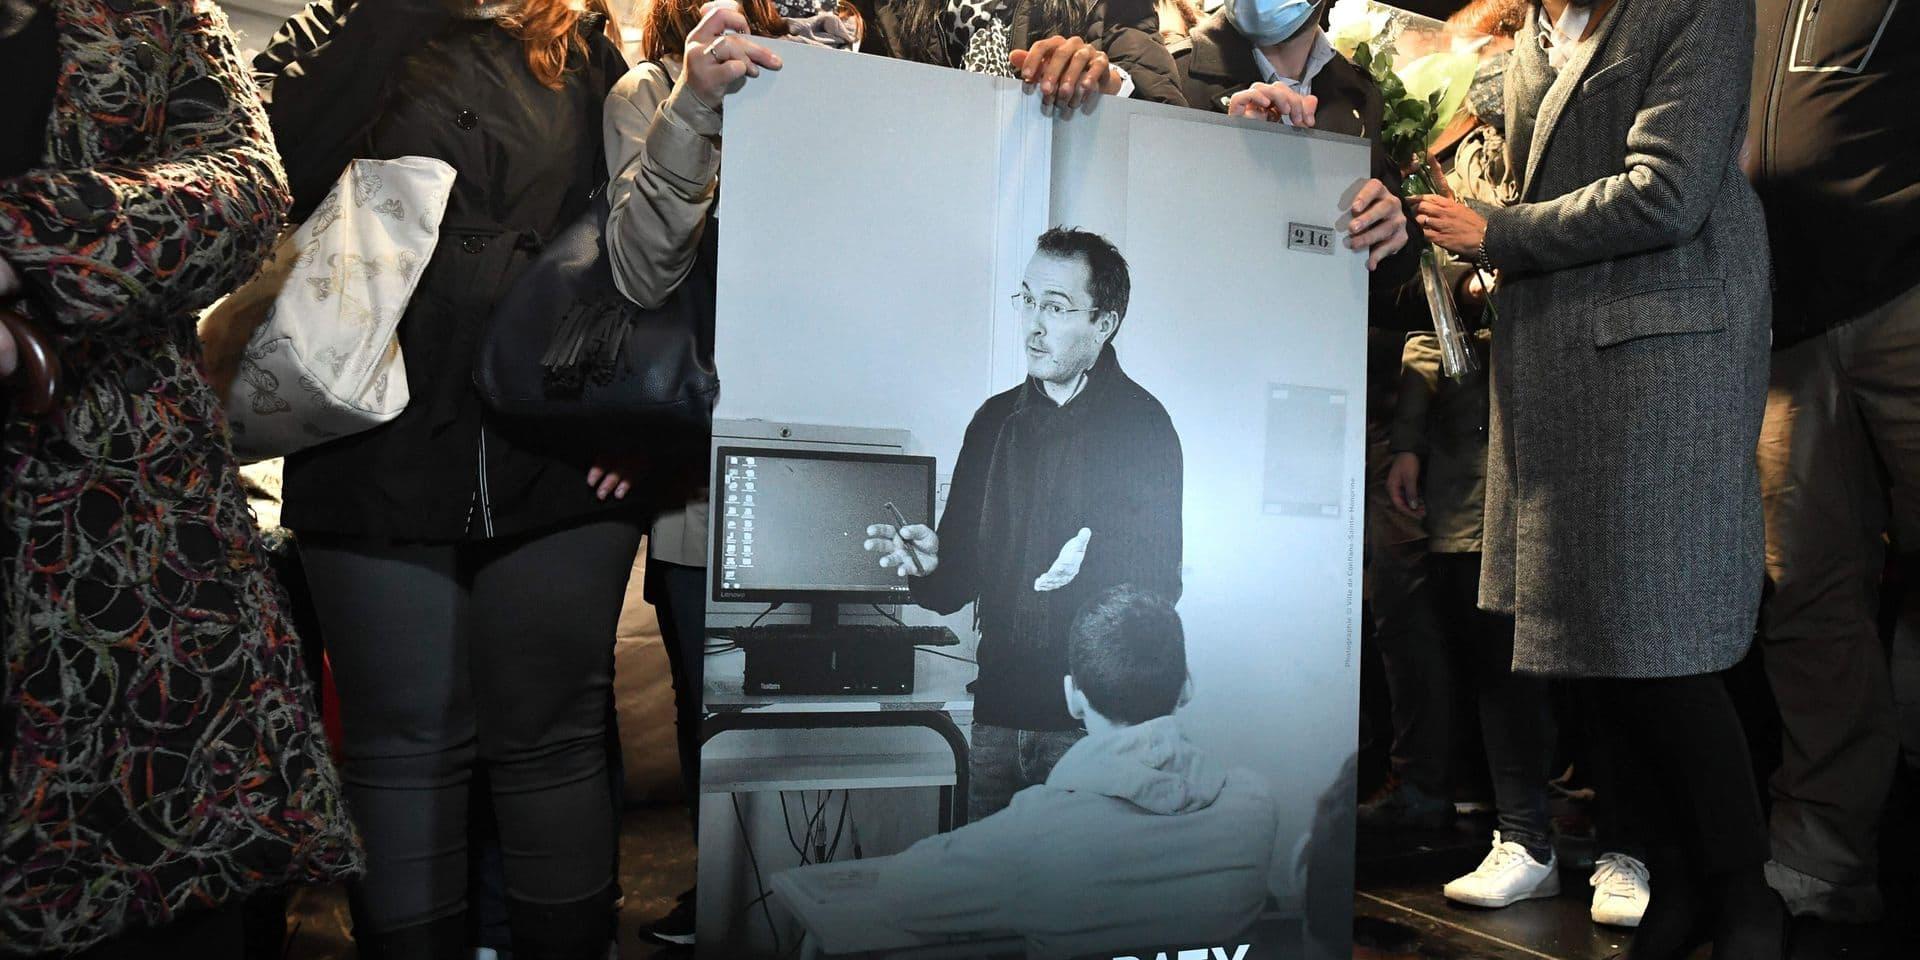 Assassinat de Samuel Paty : la collégienne à l'origine de la polémique reconnaît avoir menti